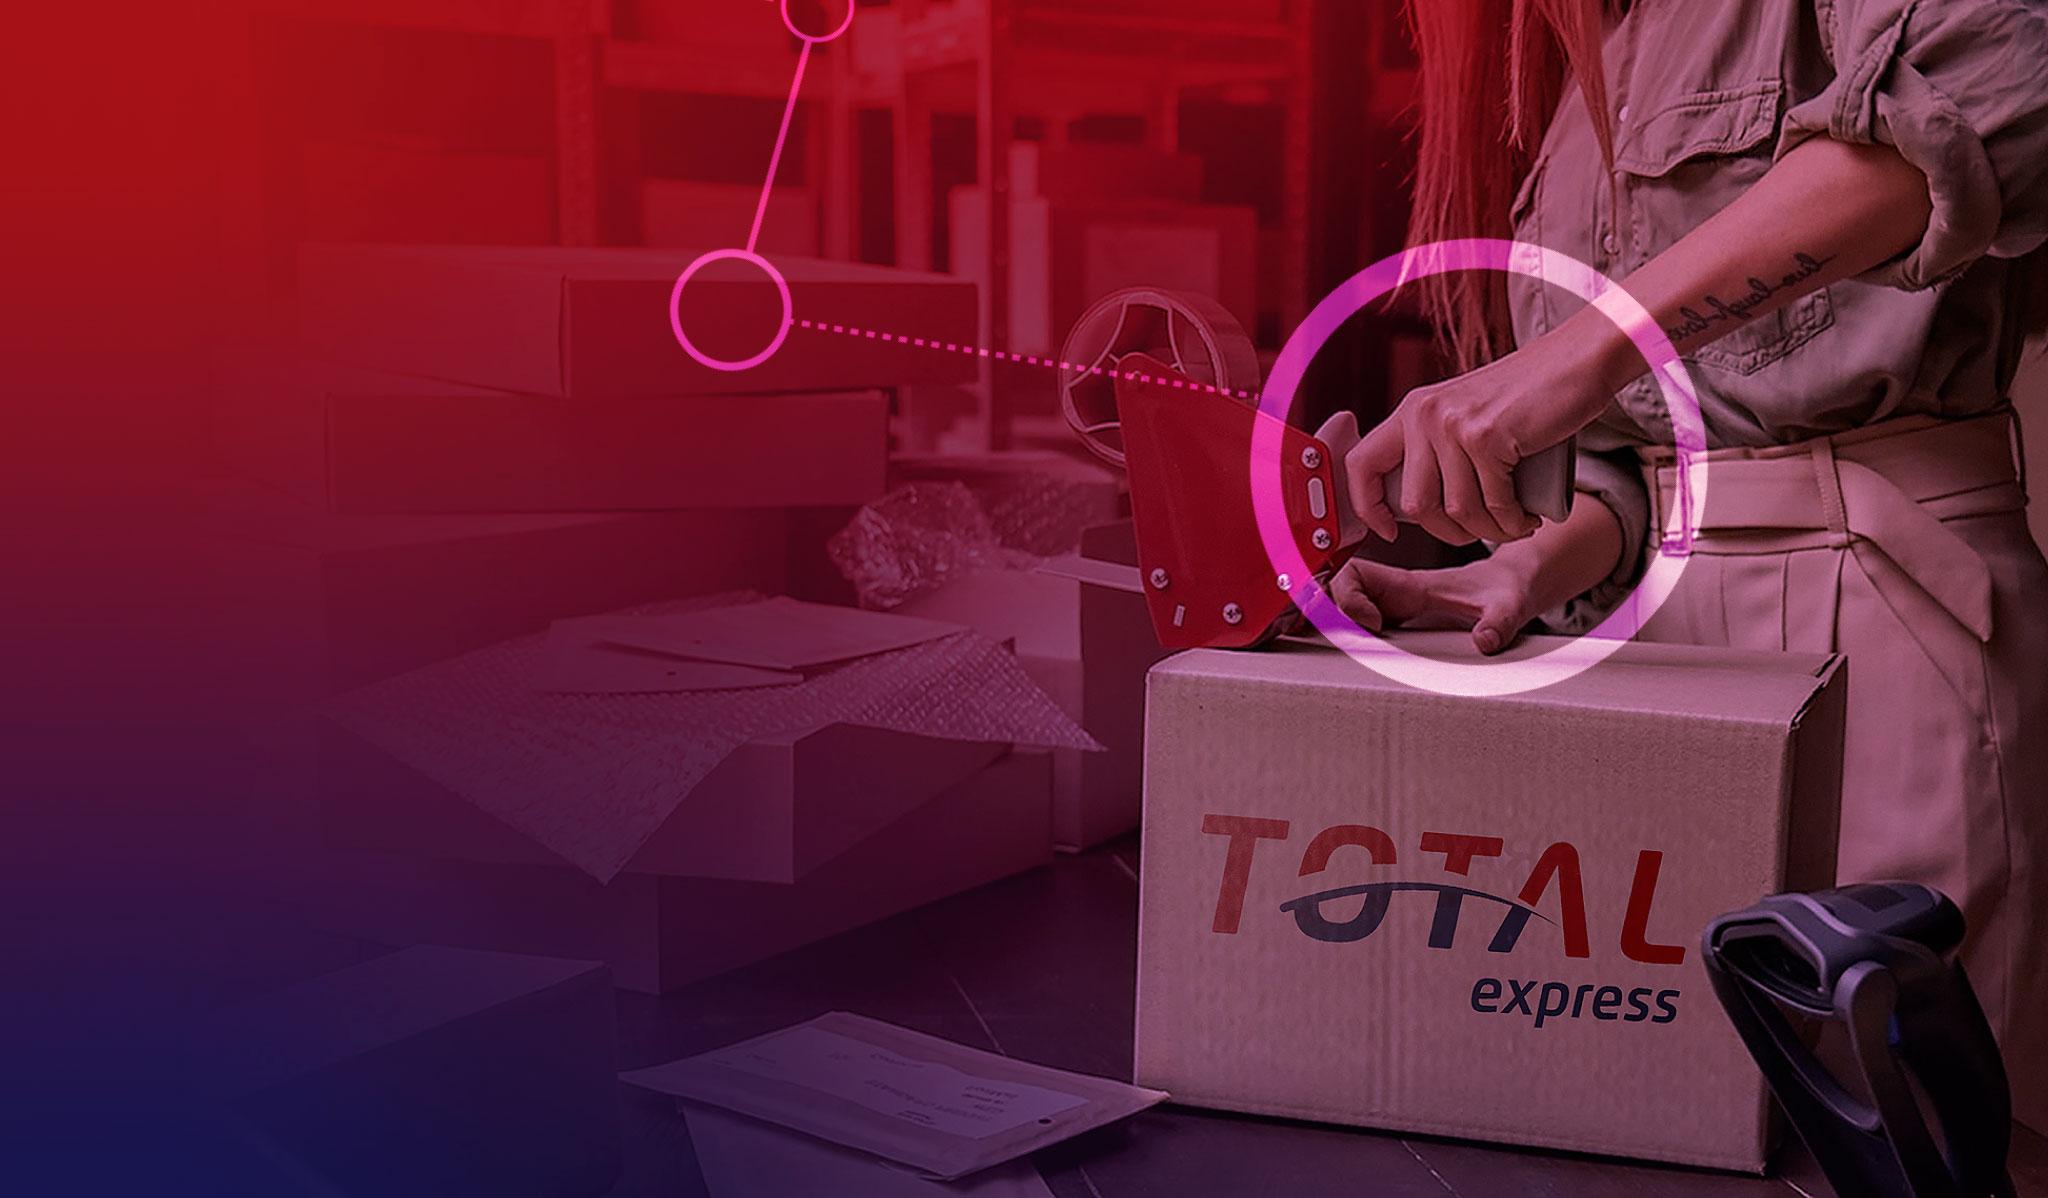 Total Express acelera vendas do pequeno e-commerce na Semana do Consumidor